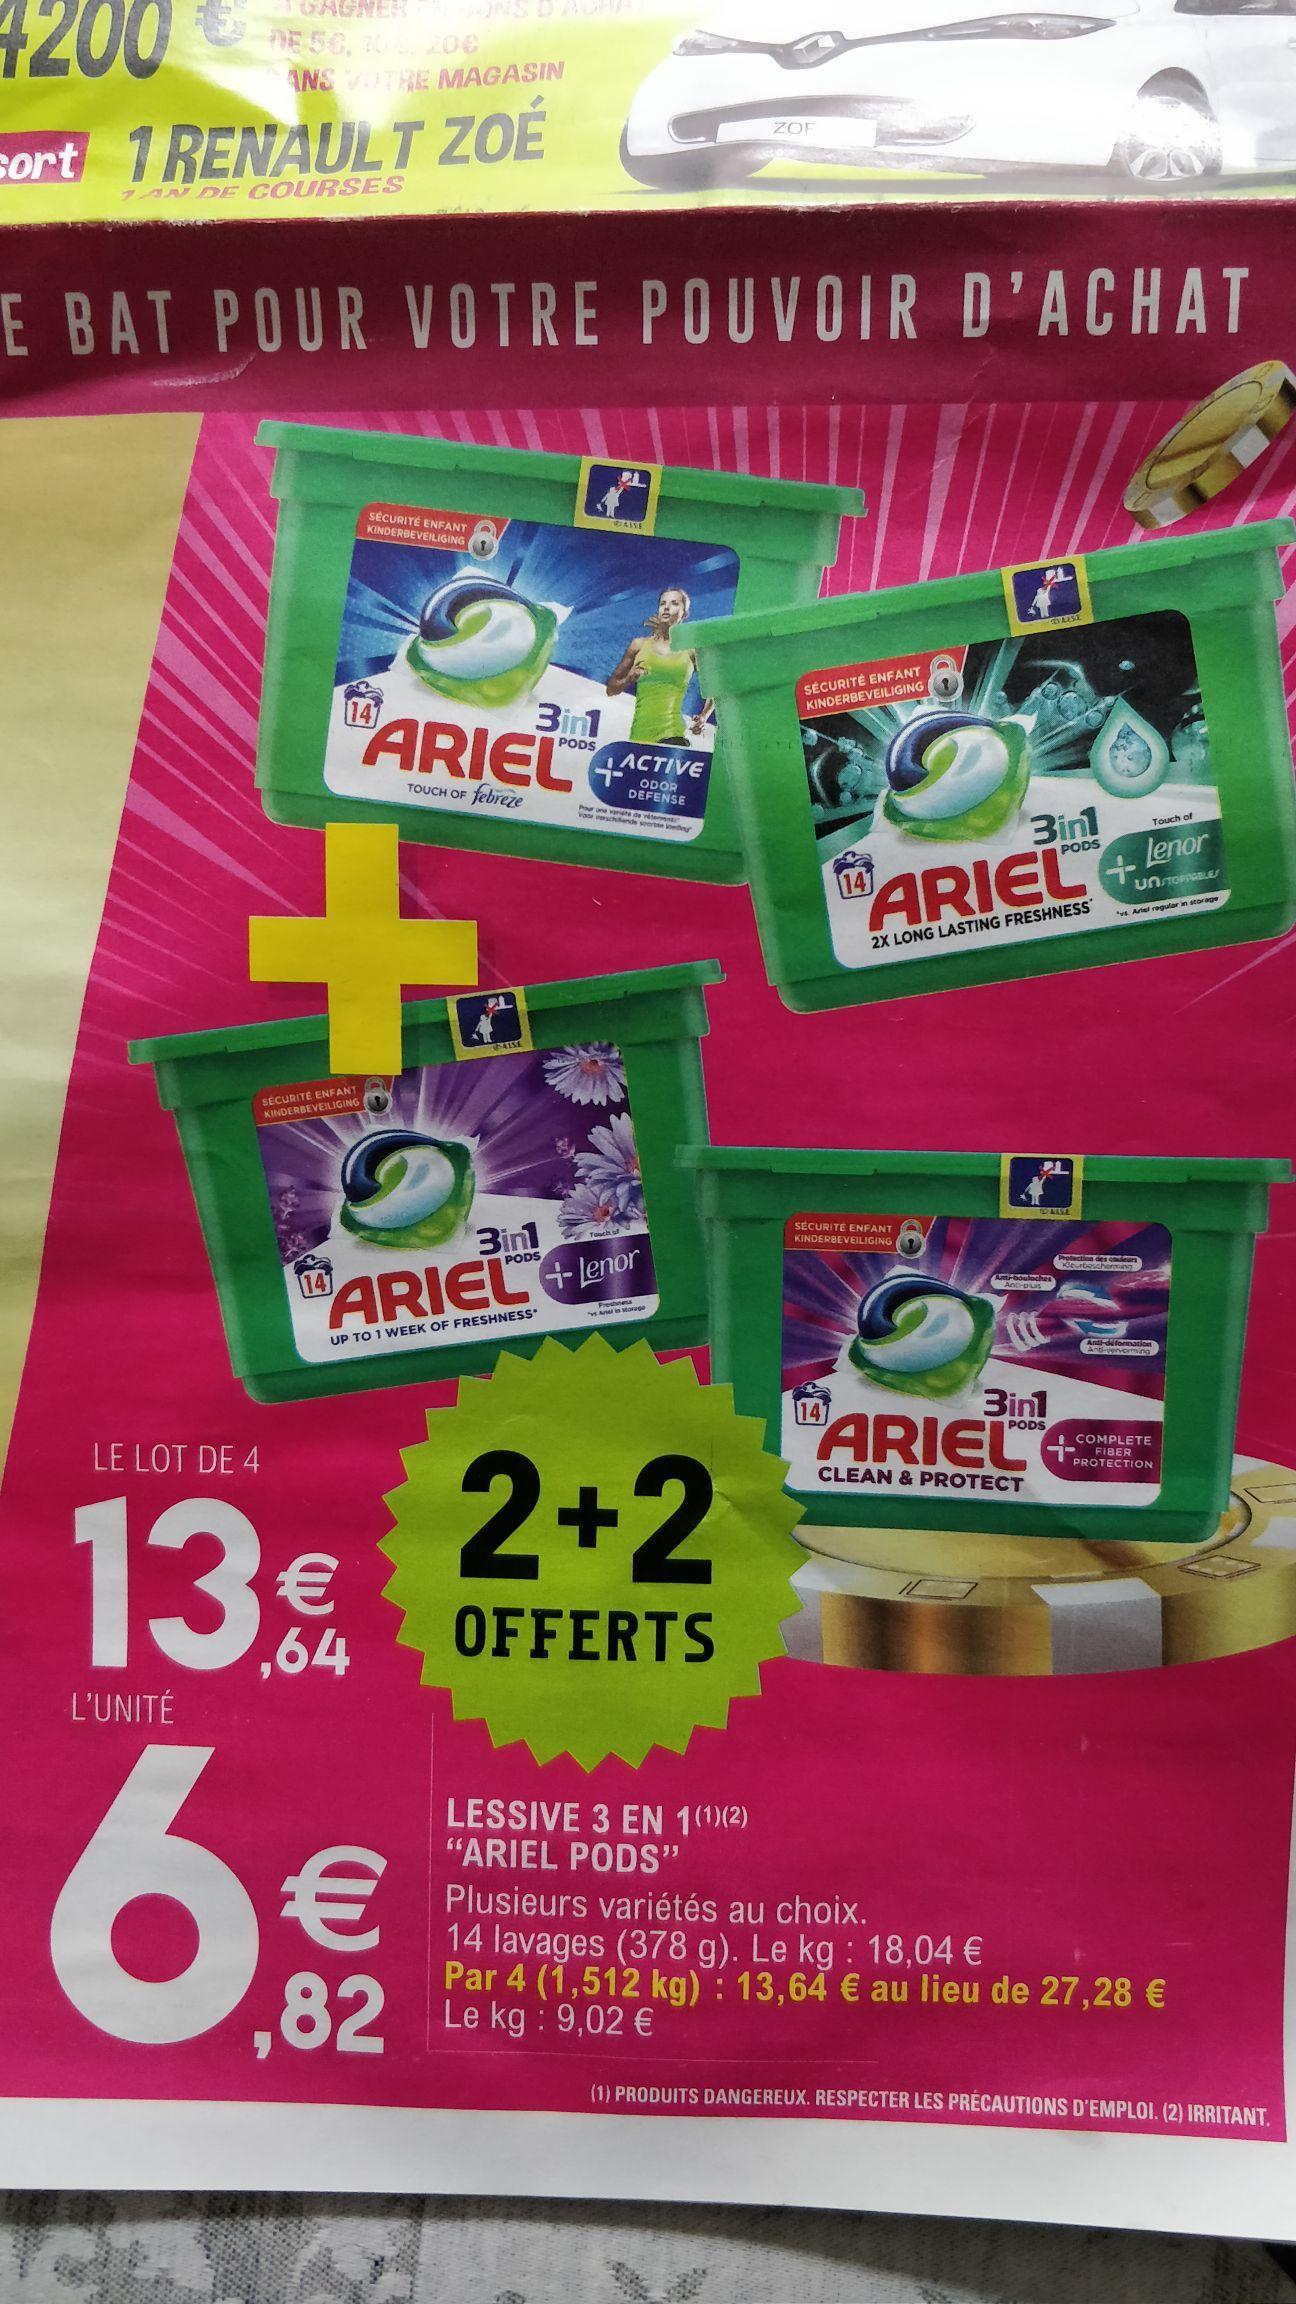 Lot de 4 boîtes de Lessive 3 en 1 Ariel Pods - Plusieurs variétés au choix (4 x 378 g)